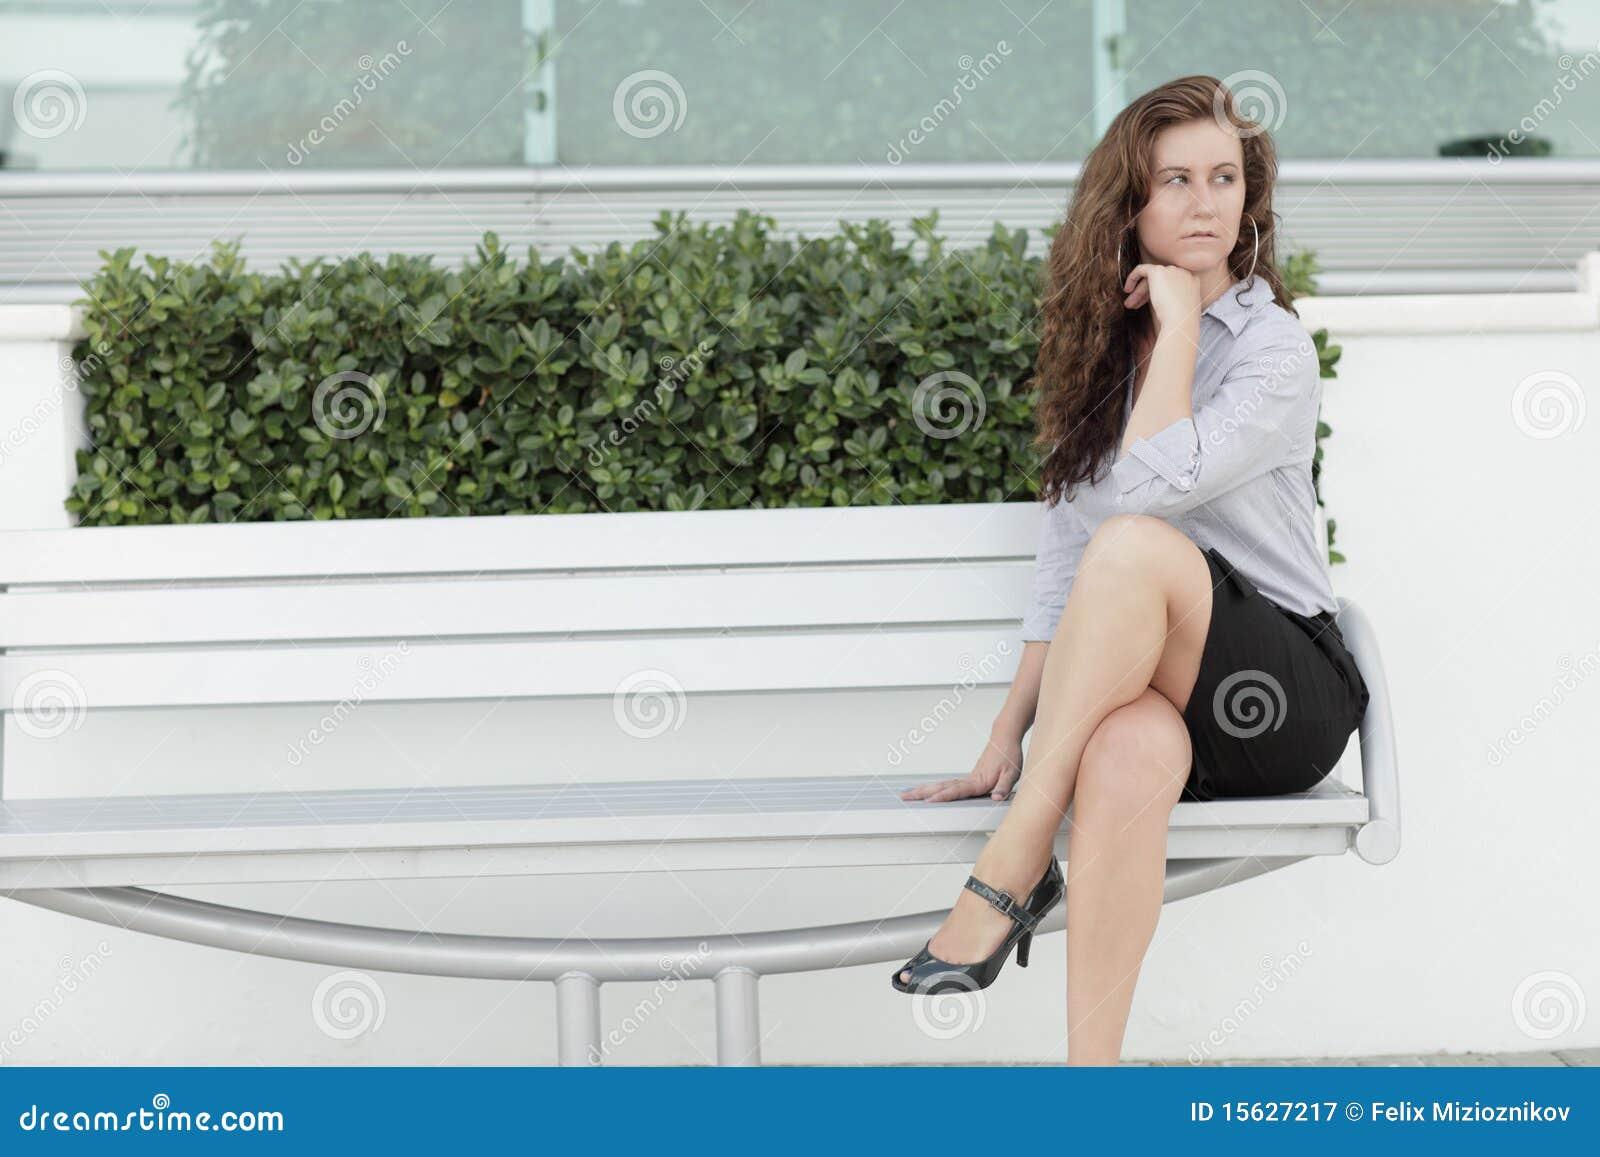 Фото сдвинутых ног 10 фотография